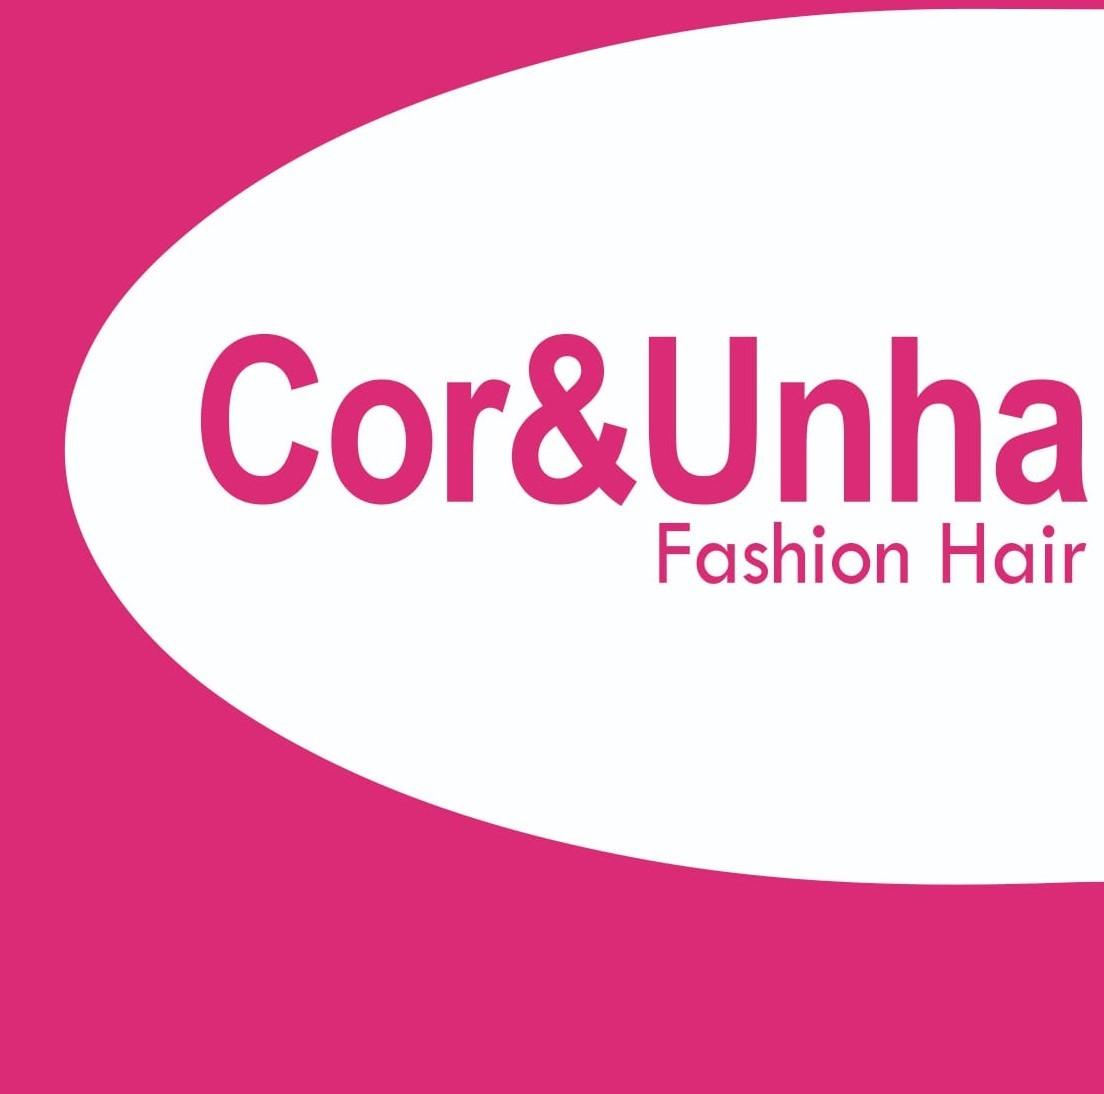 Cor & Unha Franquia de Beleza